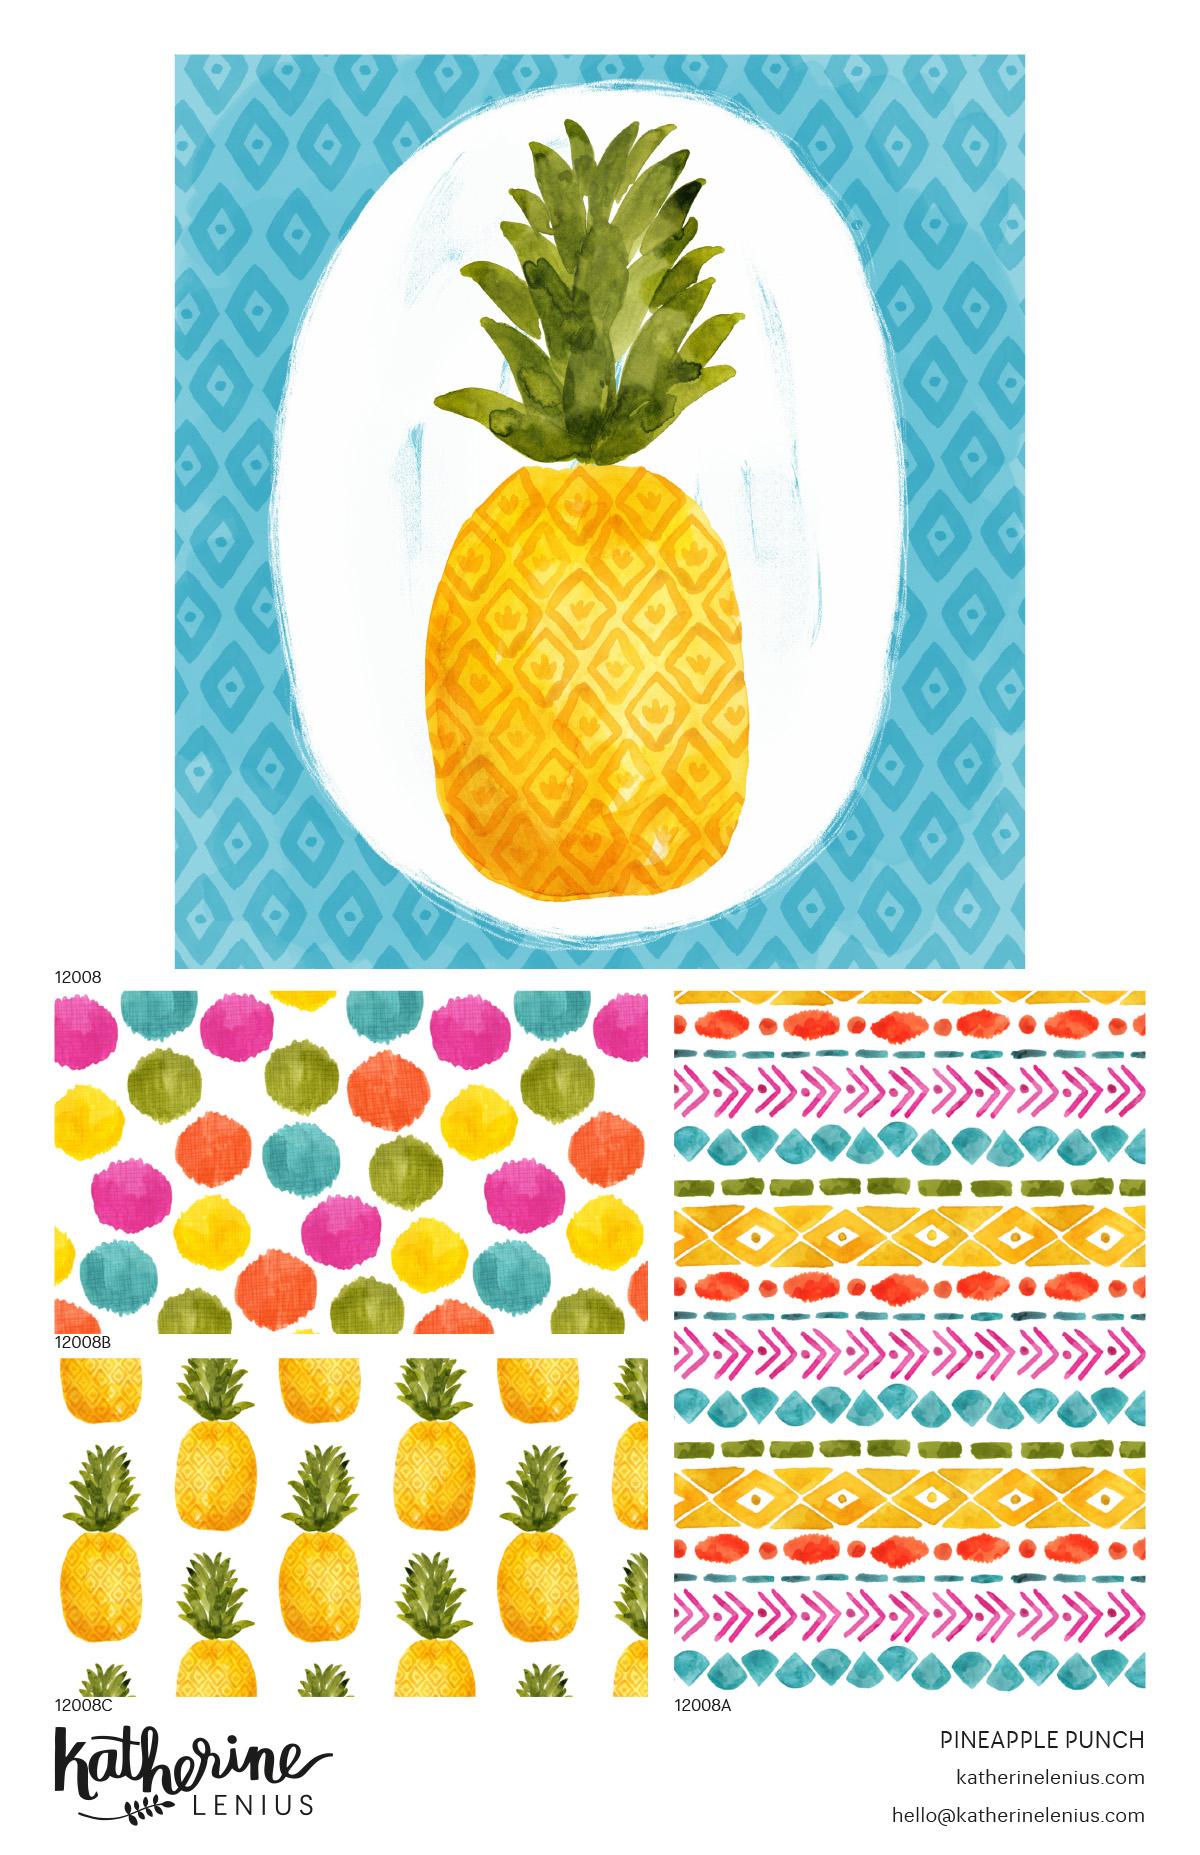 KL_12008_Pineapple Punch copy.jpg